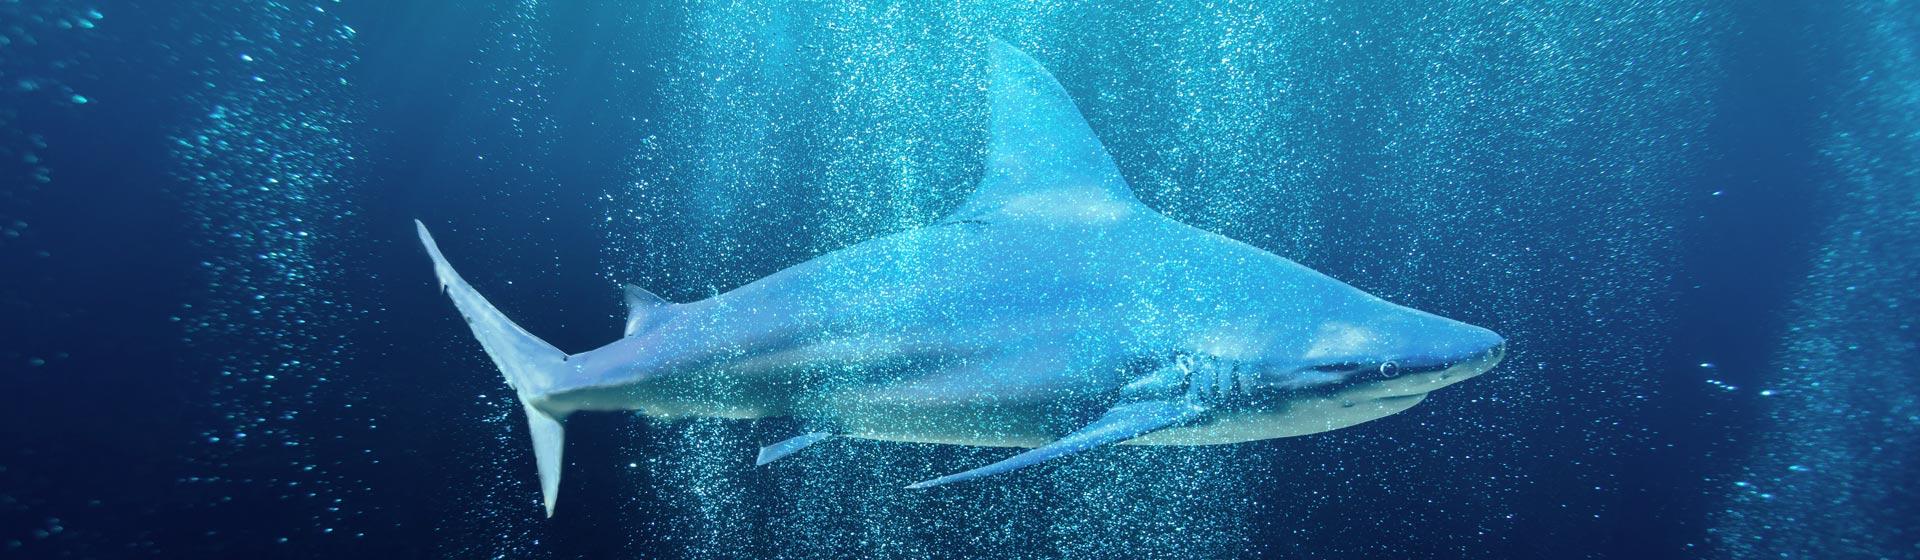 Imagen de un tiburón